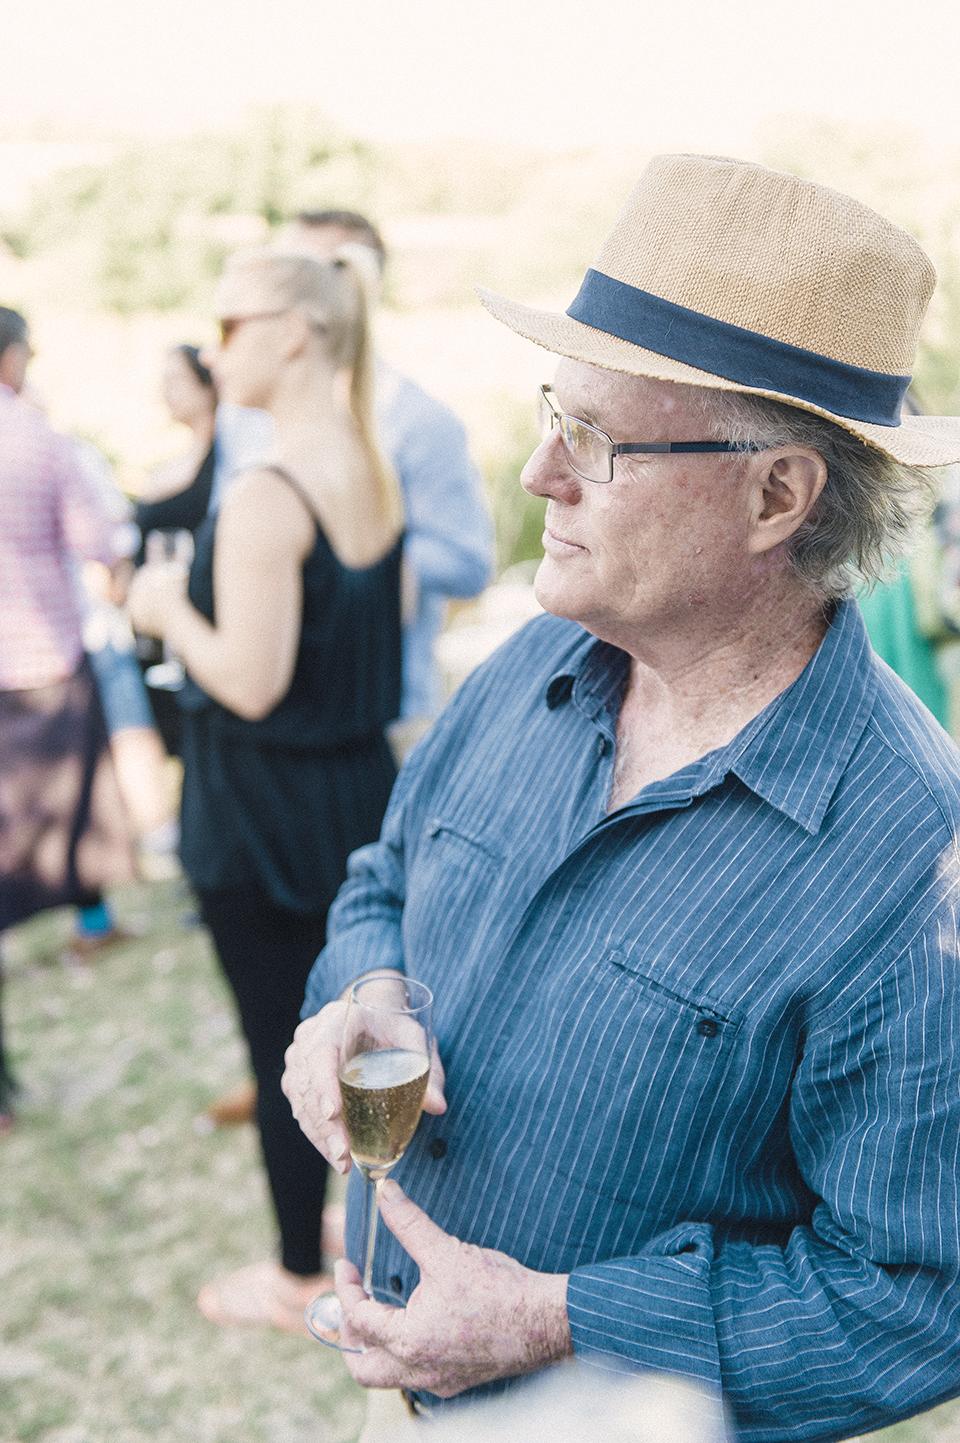 RyanParker_WeddingPhotographer_FineArt_CapeTown_Stanford_Hermanus_J&I_DSC_0522.jpg